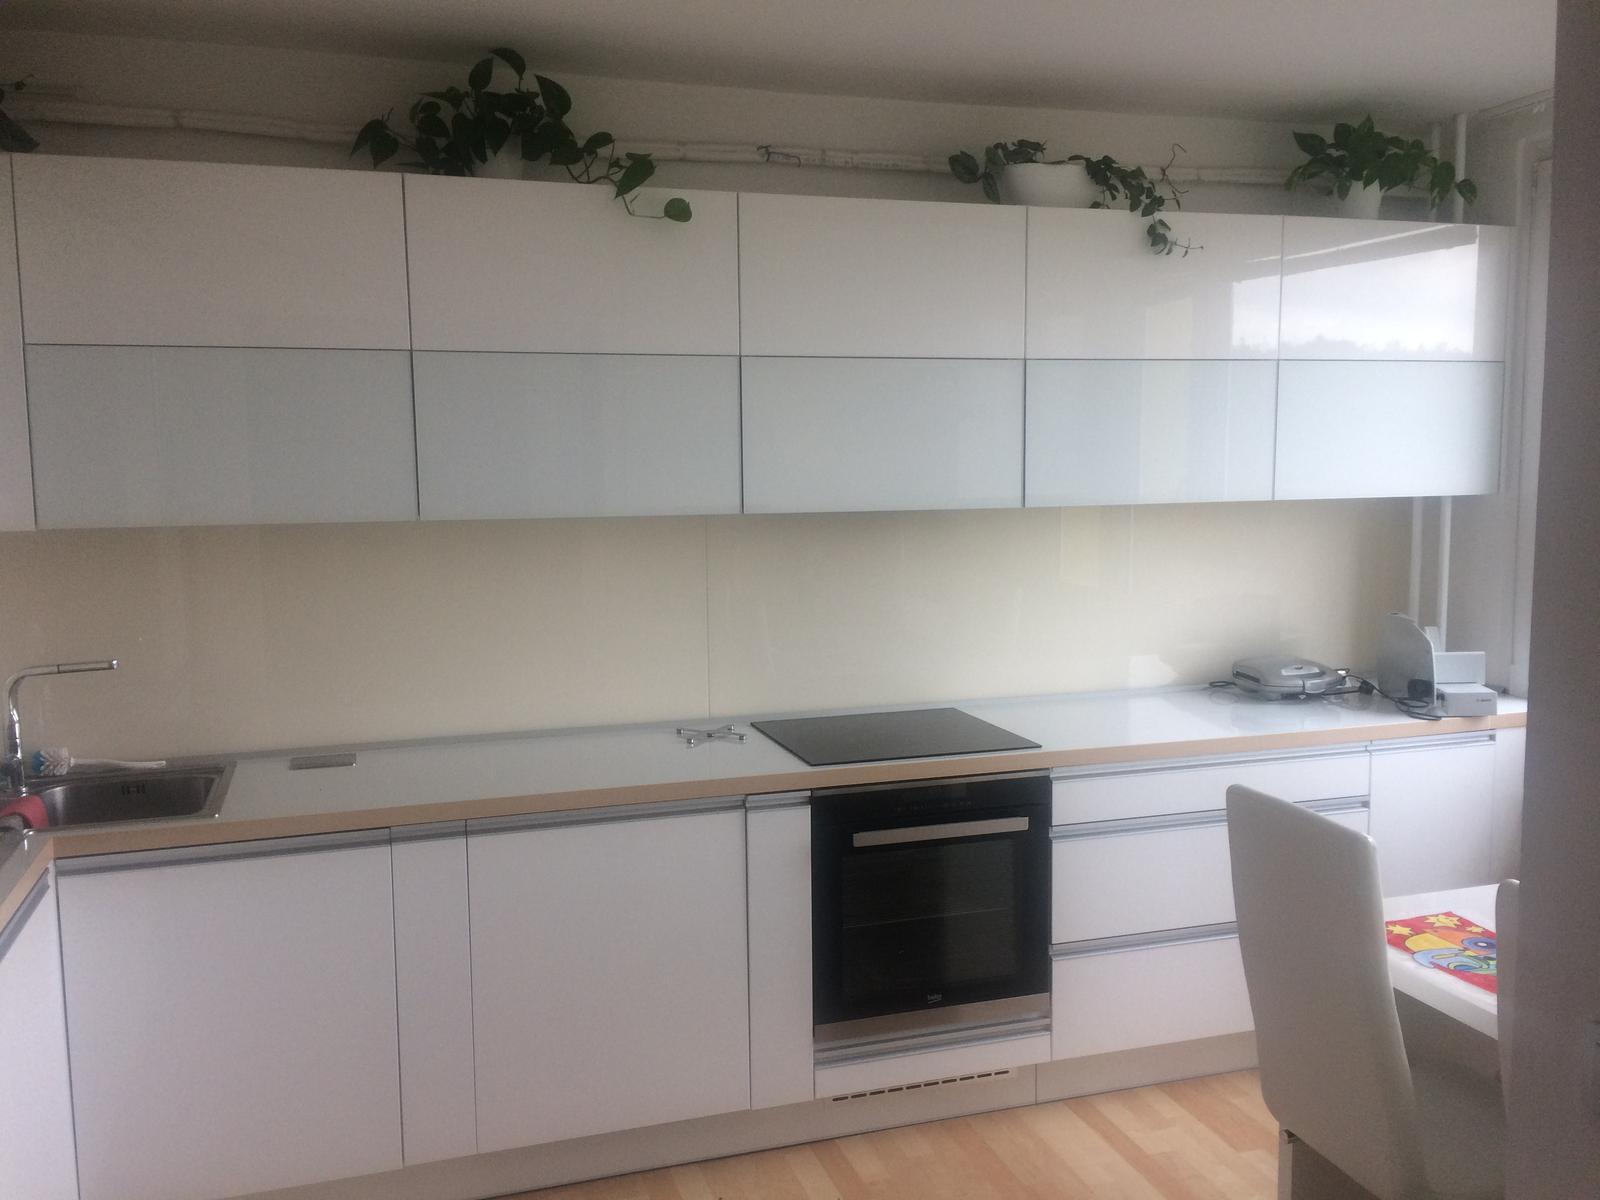 Naše 4+1 v paneláku - Nová kuchyň, chybí dodělaná klimatizace.